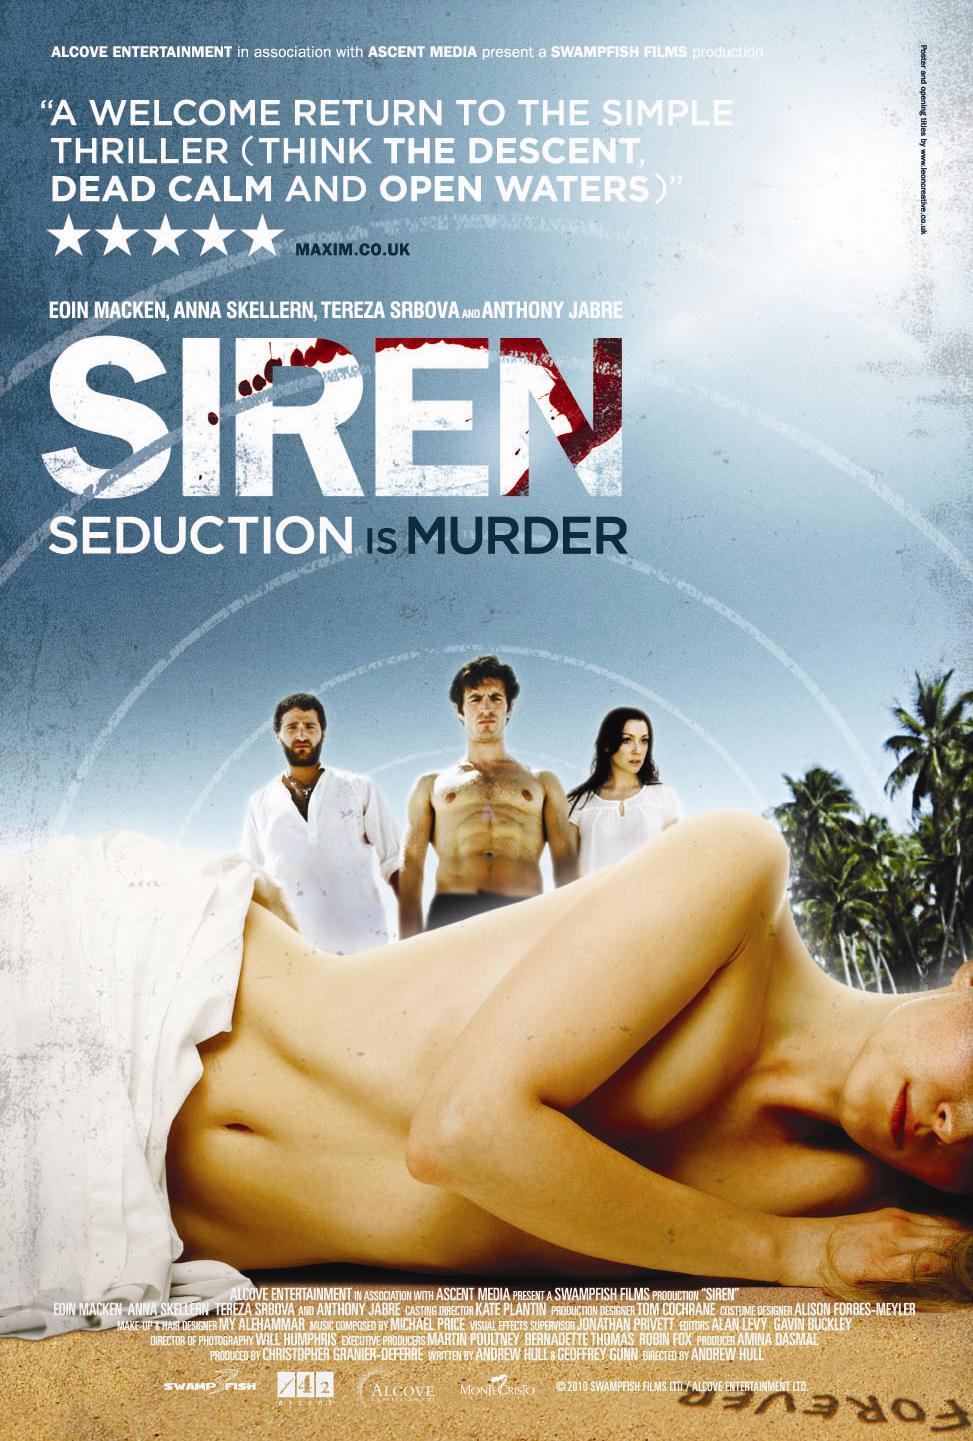 siren_poster5kfm.jpg